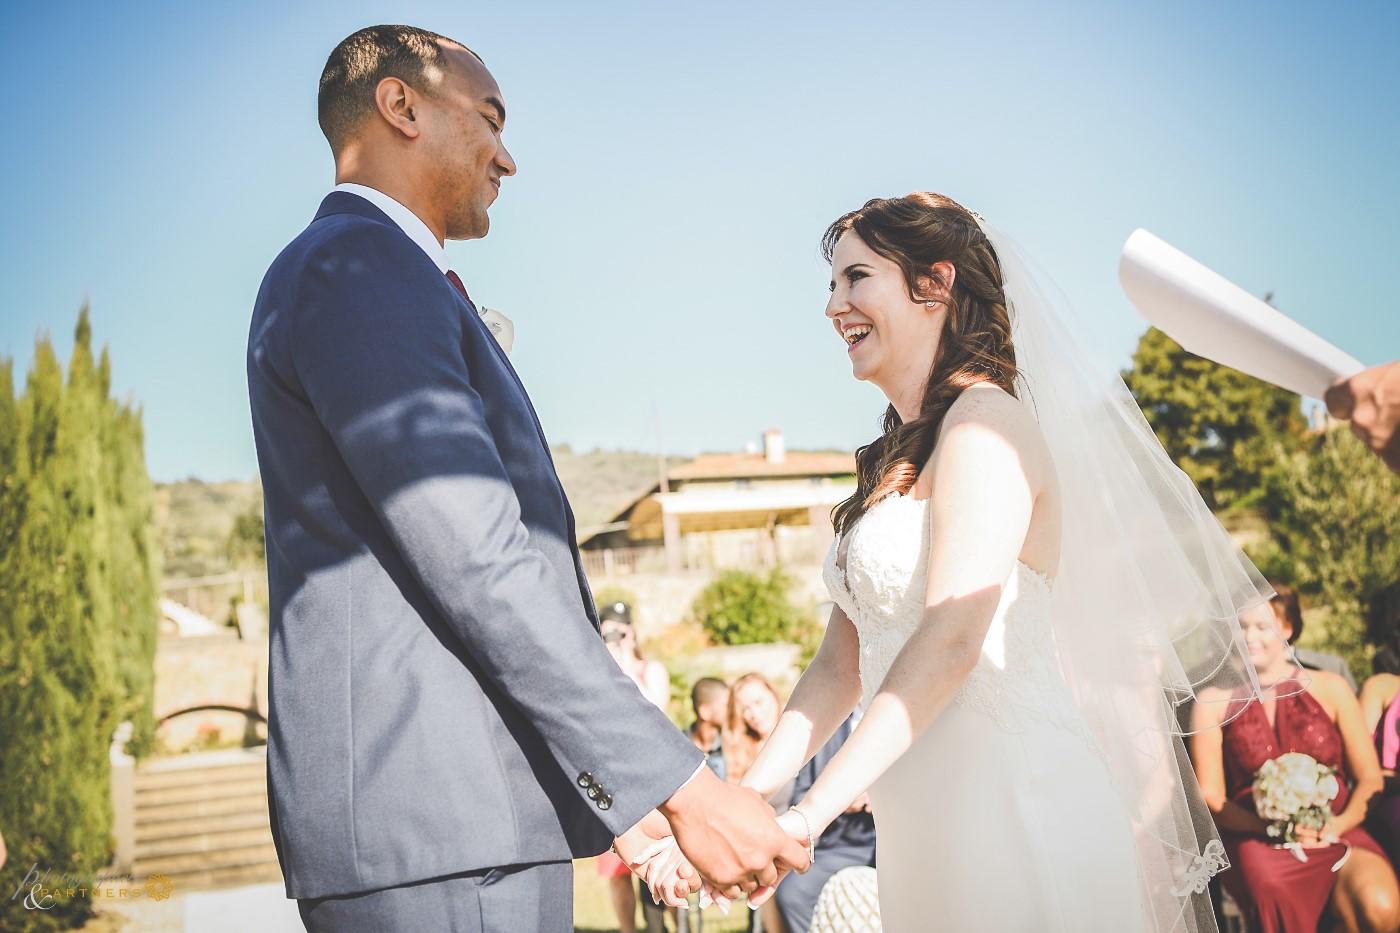 photographer_weddings_baroncino_07.jpg